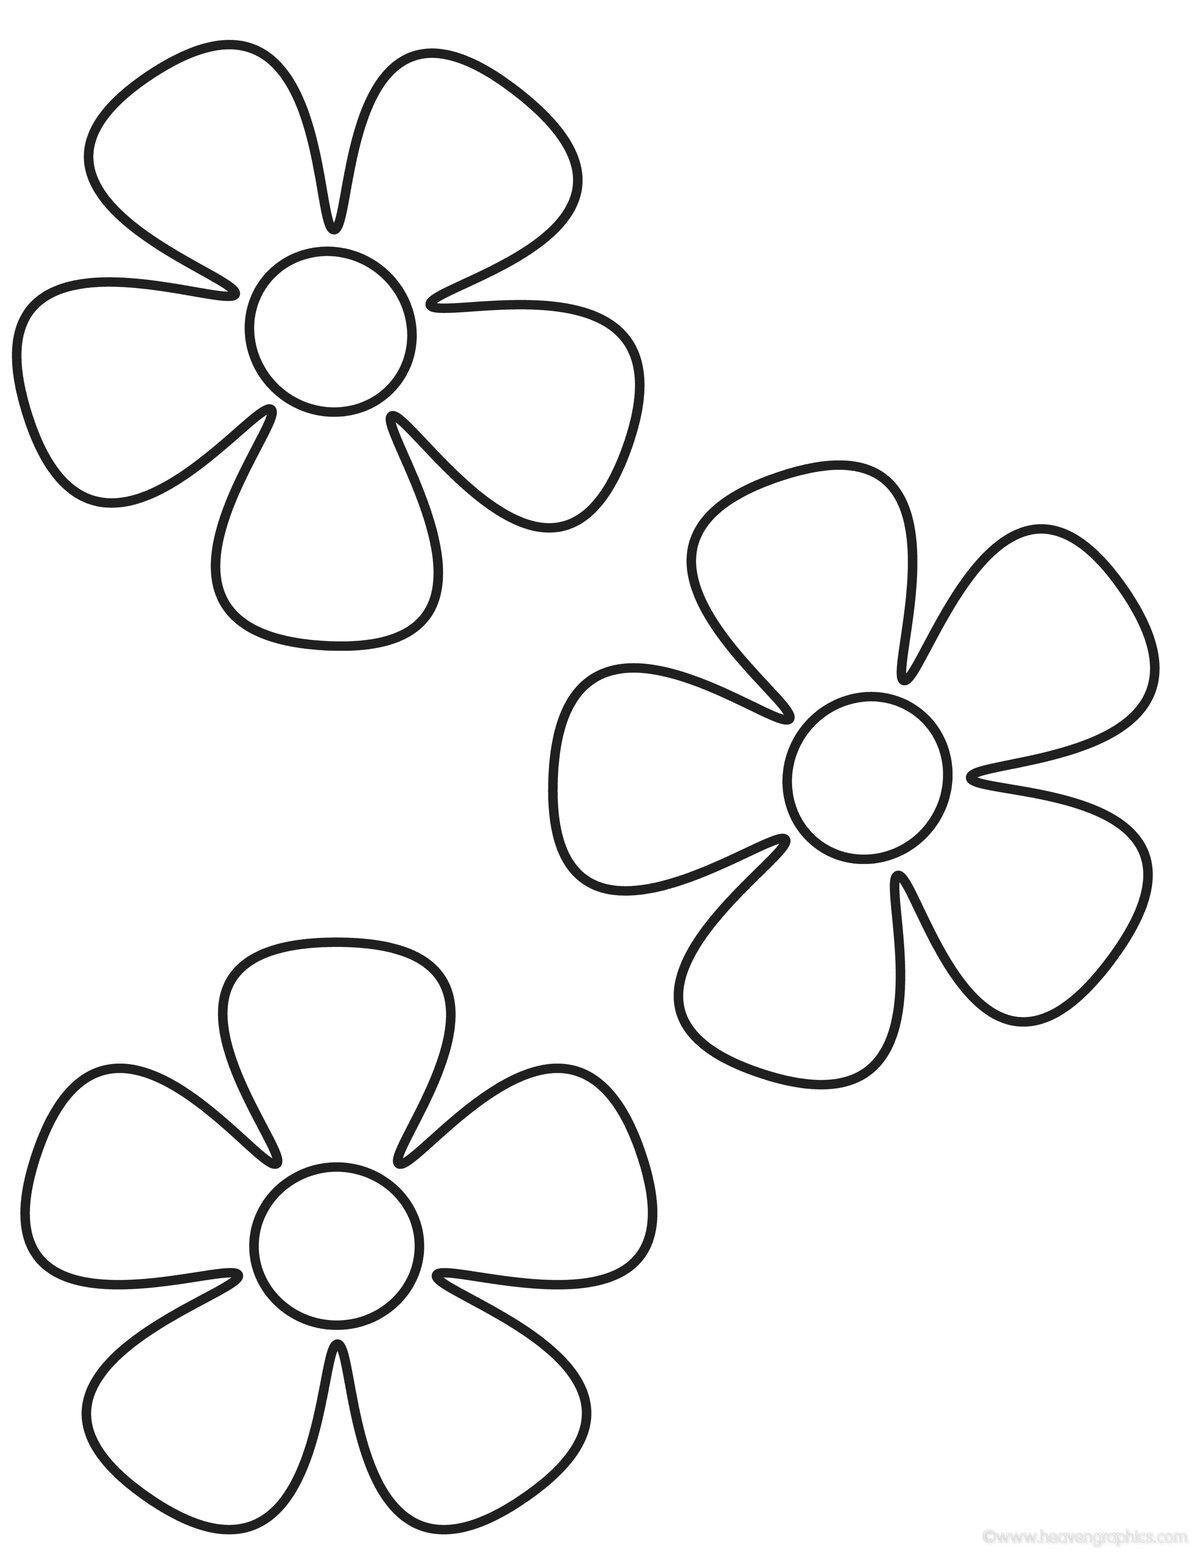 Раскраска цветов для детей